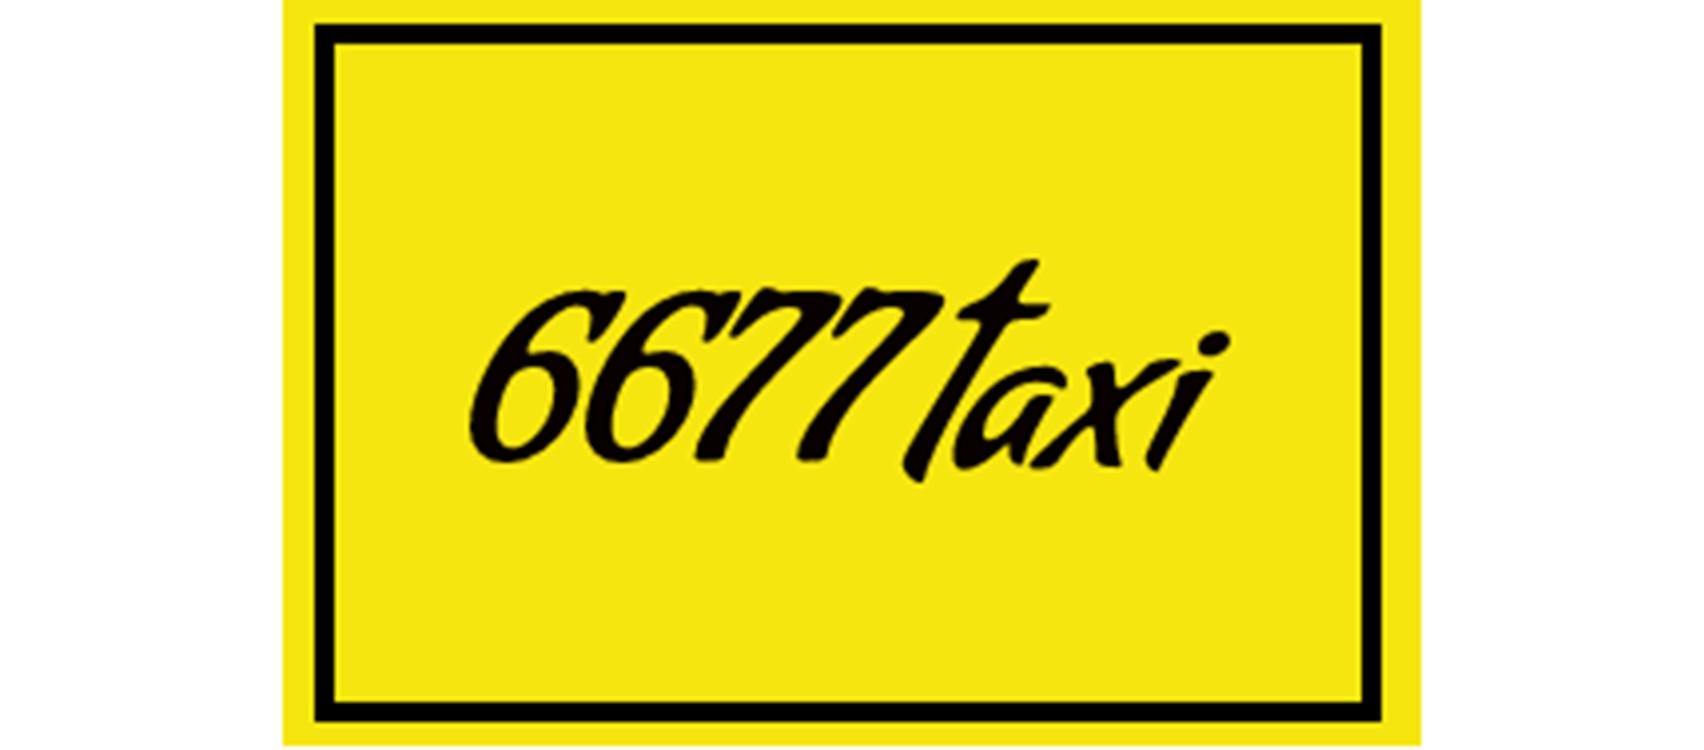 6677 taxi  (Україна)